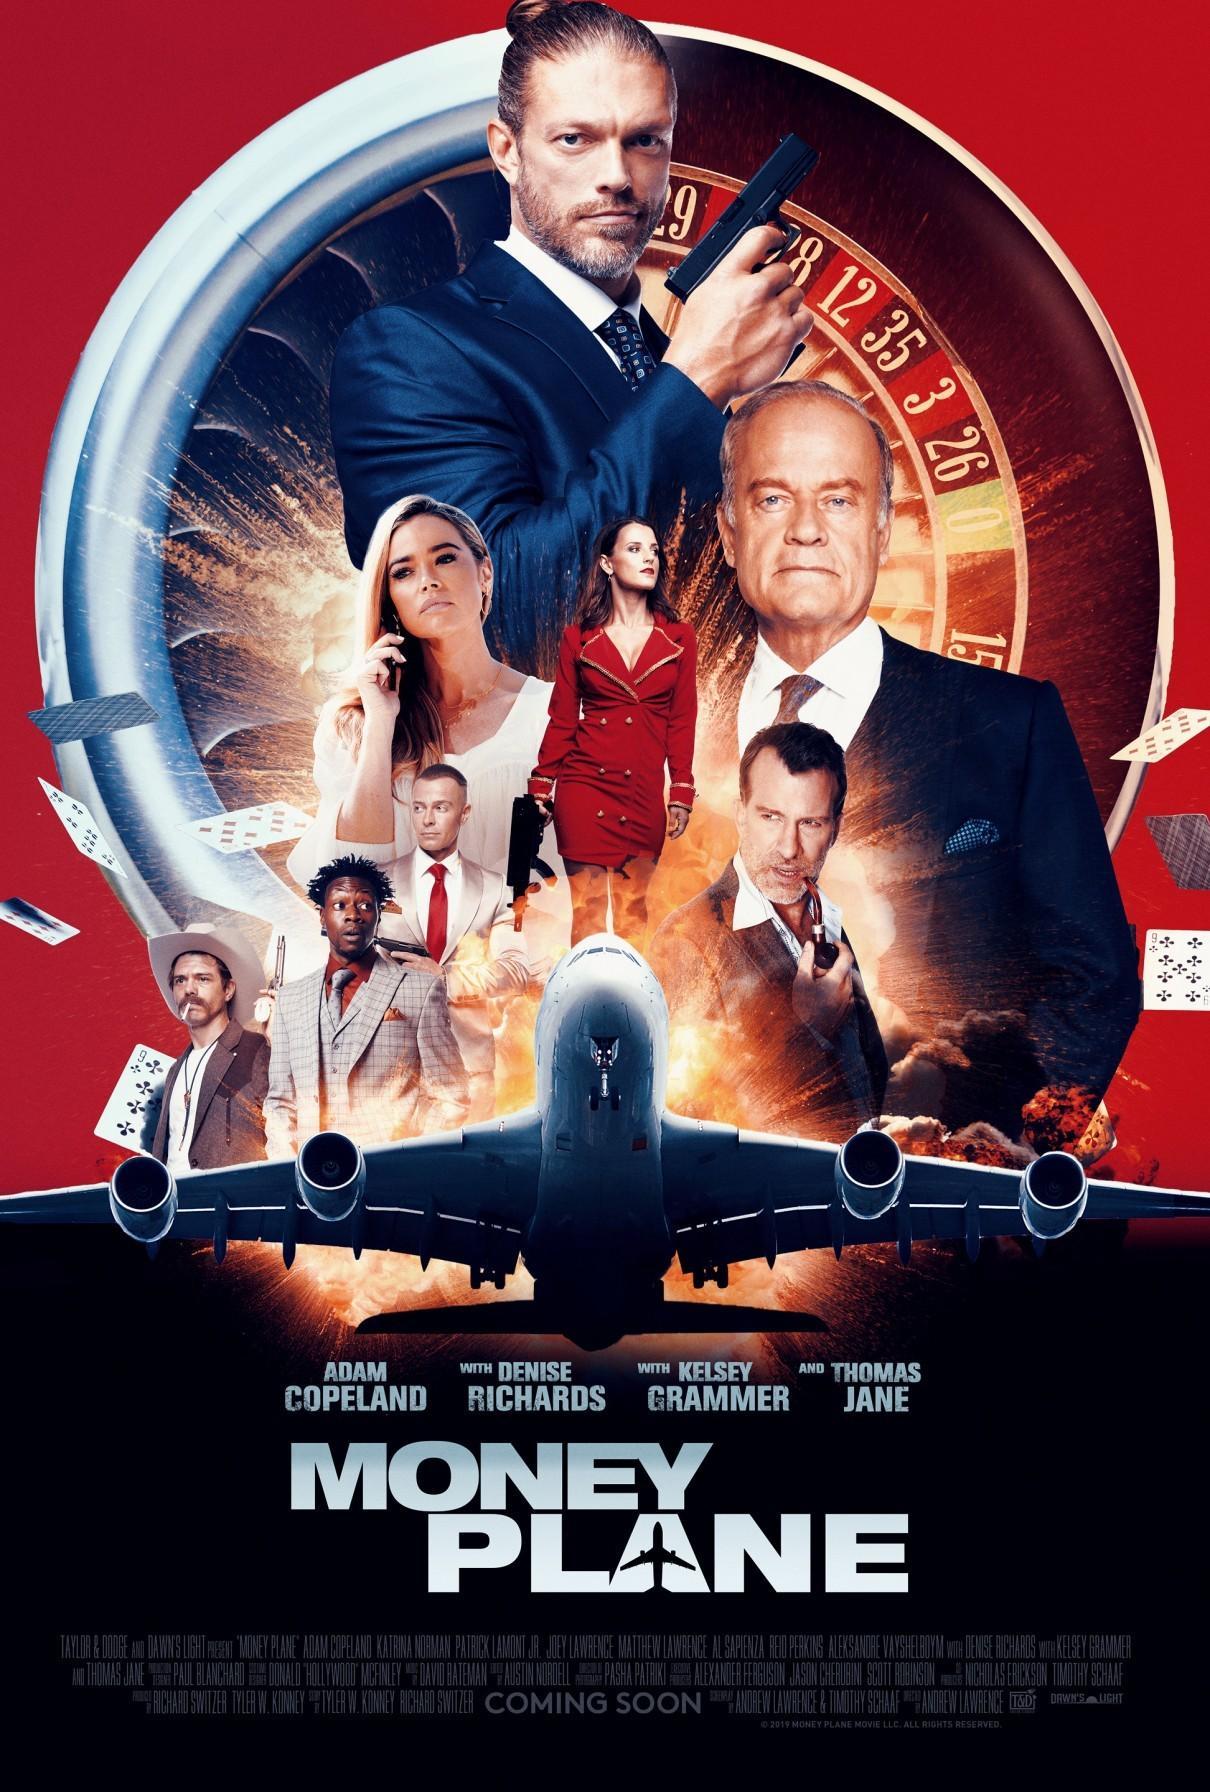 黑钱飞机海报